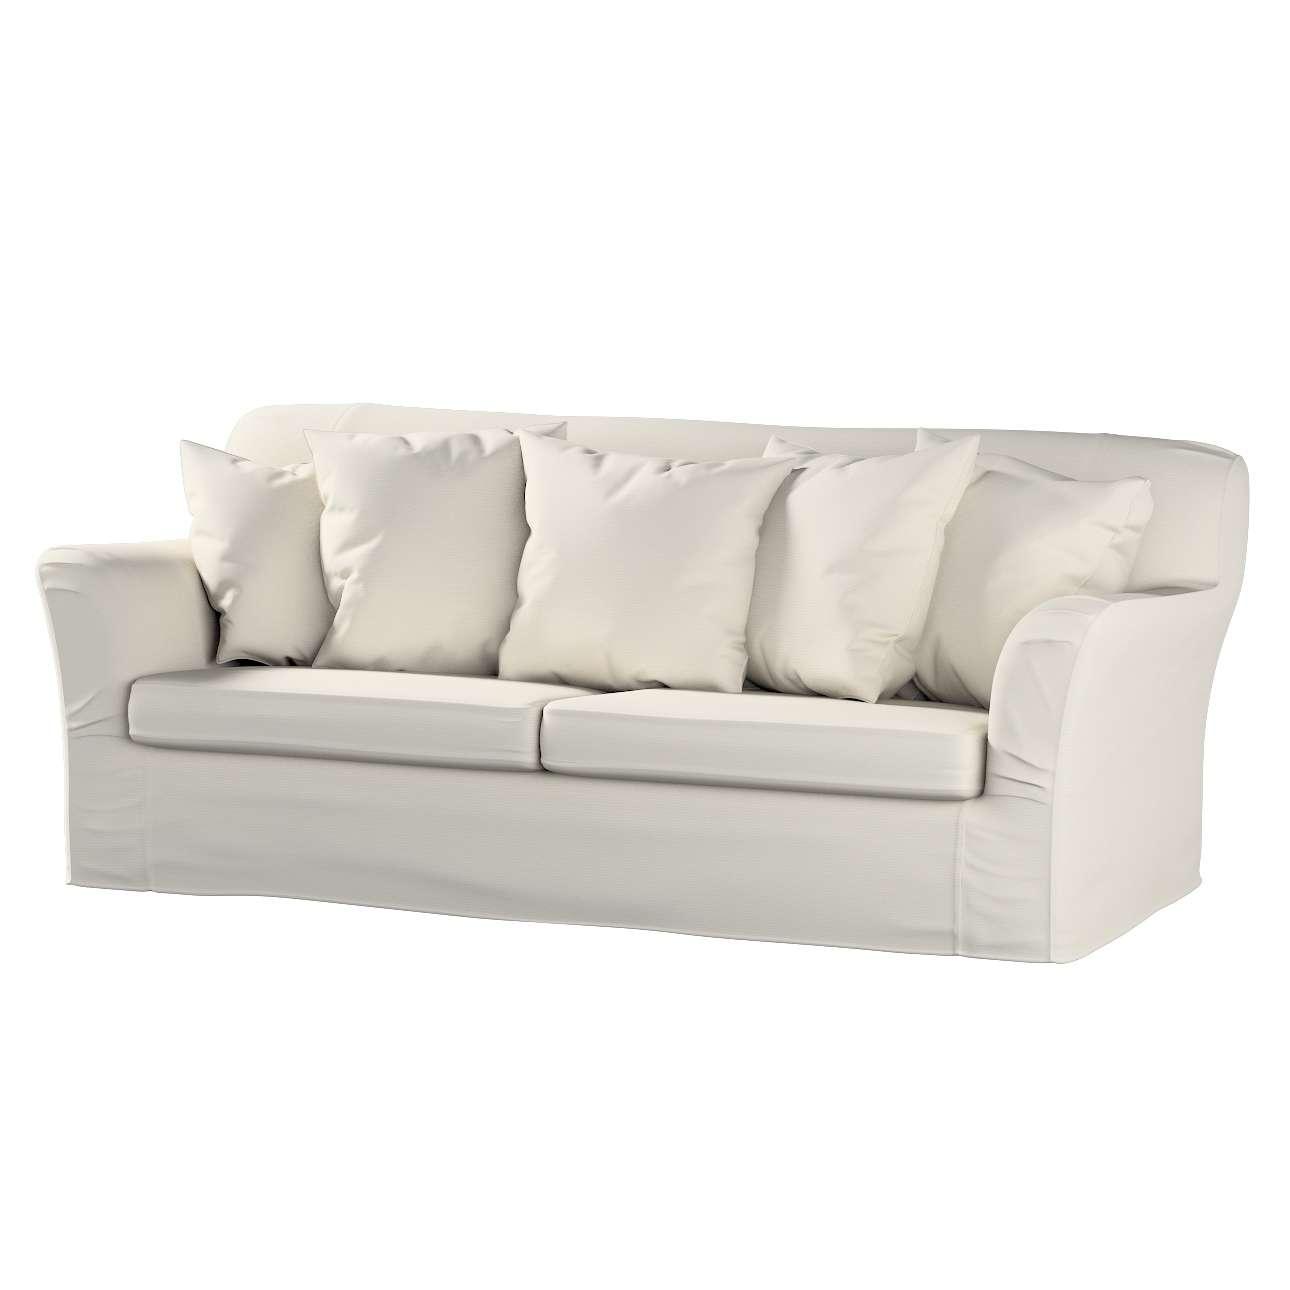 Pokrowiec na sofę Tomelilla rozkładaną Sofa Tomelilla rozkładana w kolekcji Cotton Panama, tkanina: 702-31